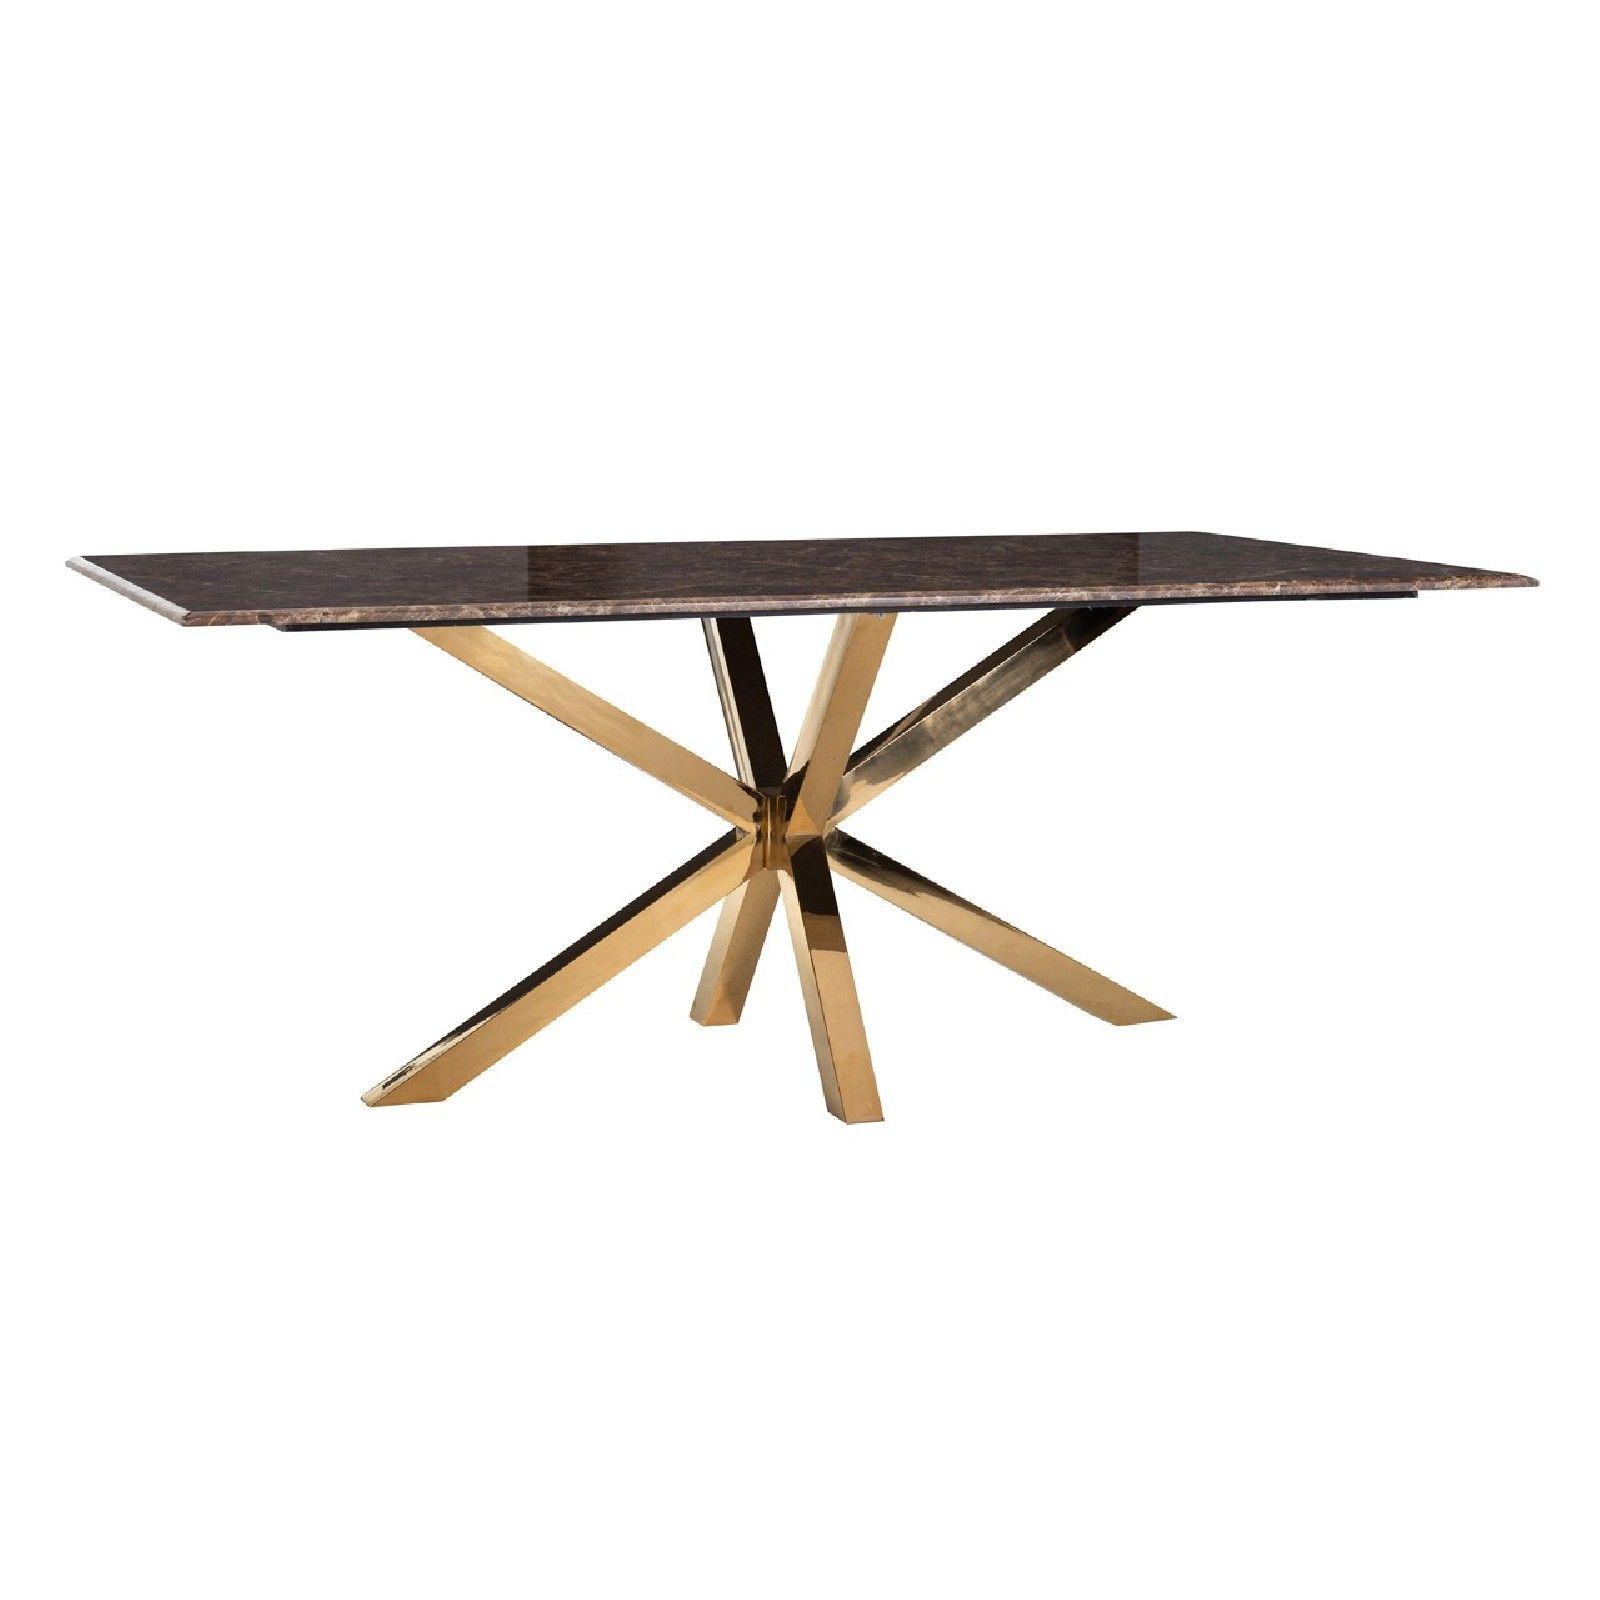 Table a manger Conrad faux emperador marbre Meuble Déco Tendance - 17